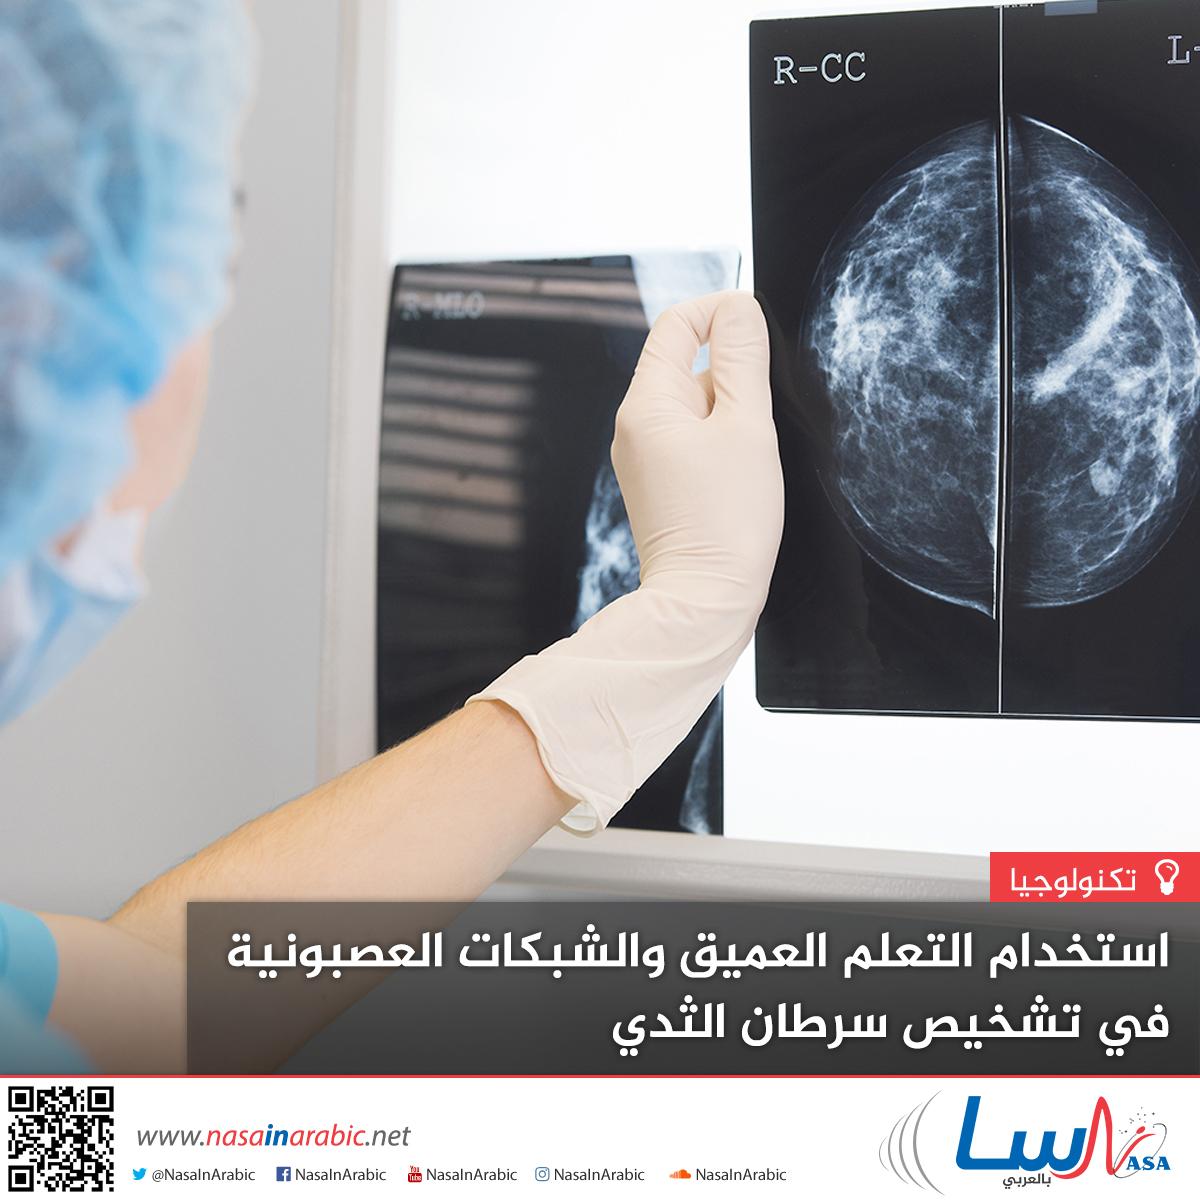 استخدام التعلم العميق والشبكات العصبونية في تشخيص سرطان الثدي